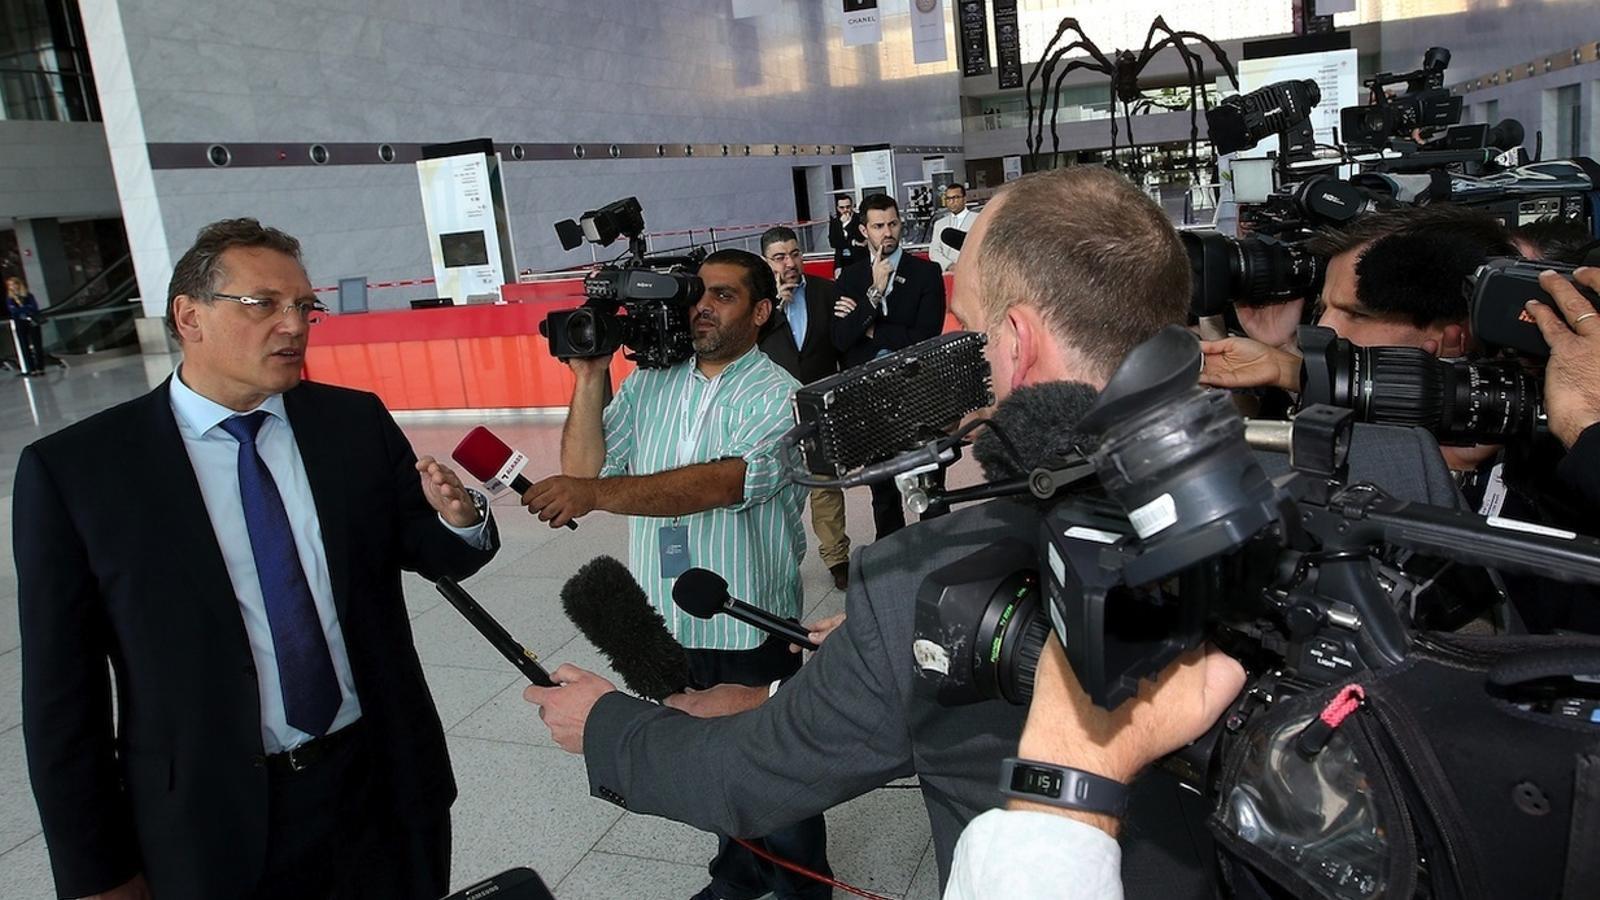 El secretari general de la FIFA Jerome Valcke parla amb la premsa a Doha / AFP PHOTO